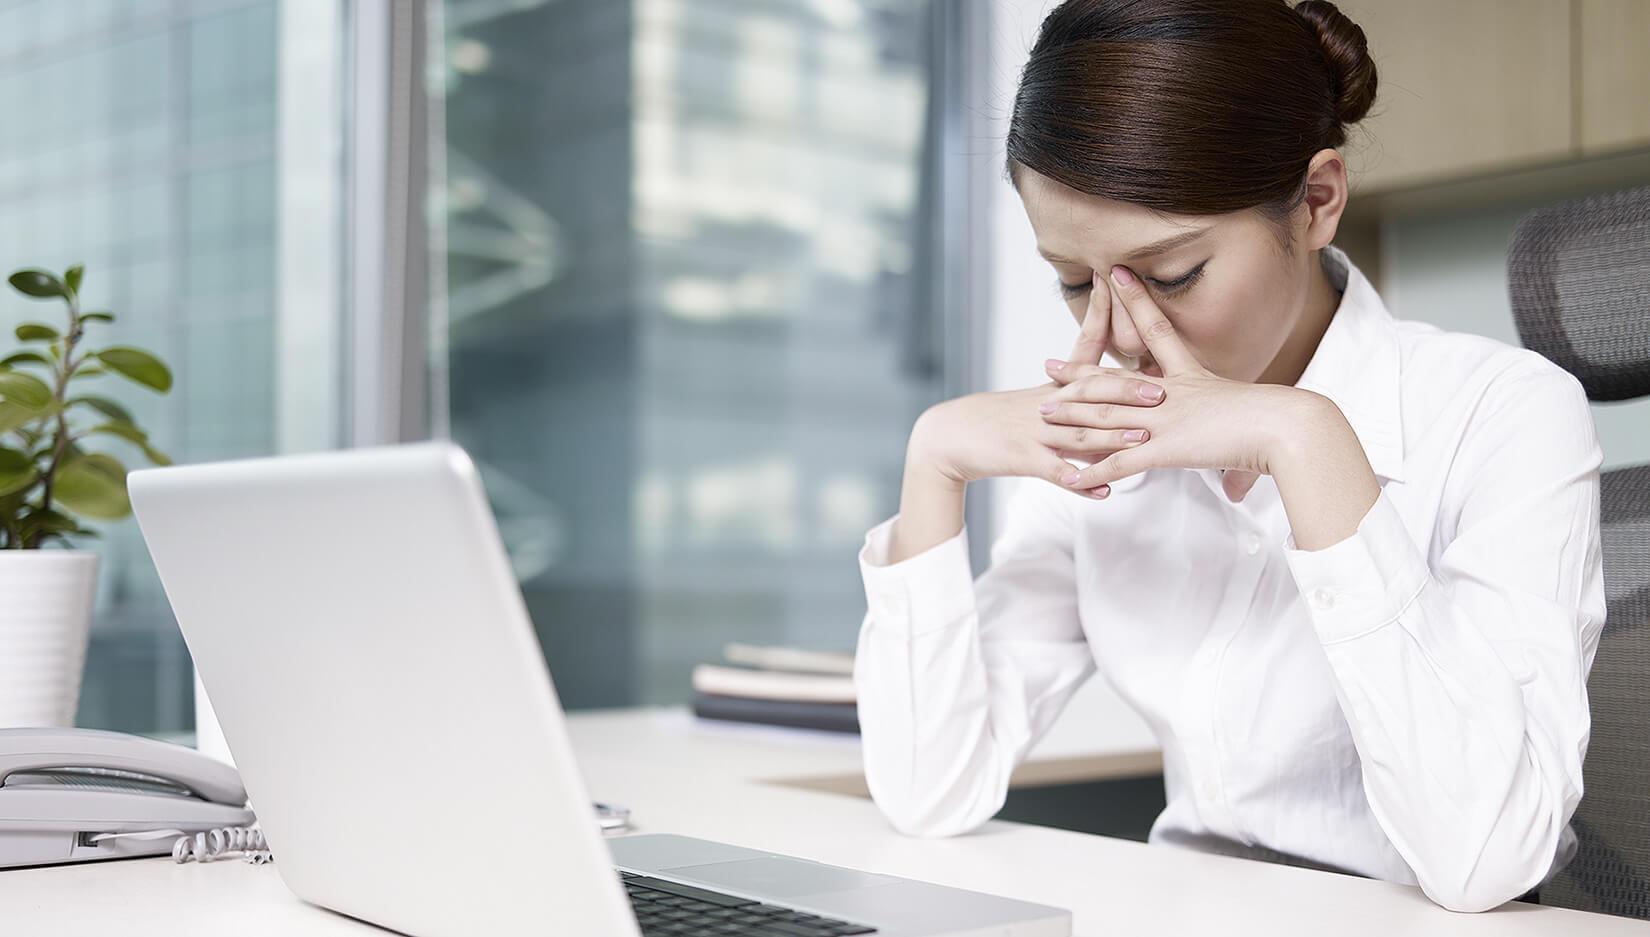 Mujer con vista cansada y tics oculares